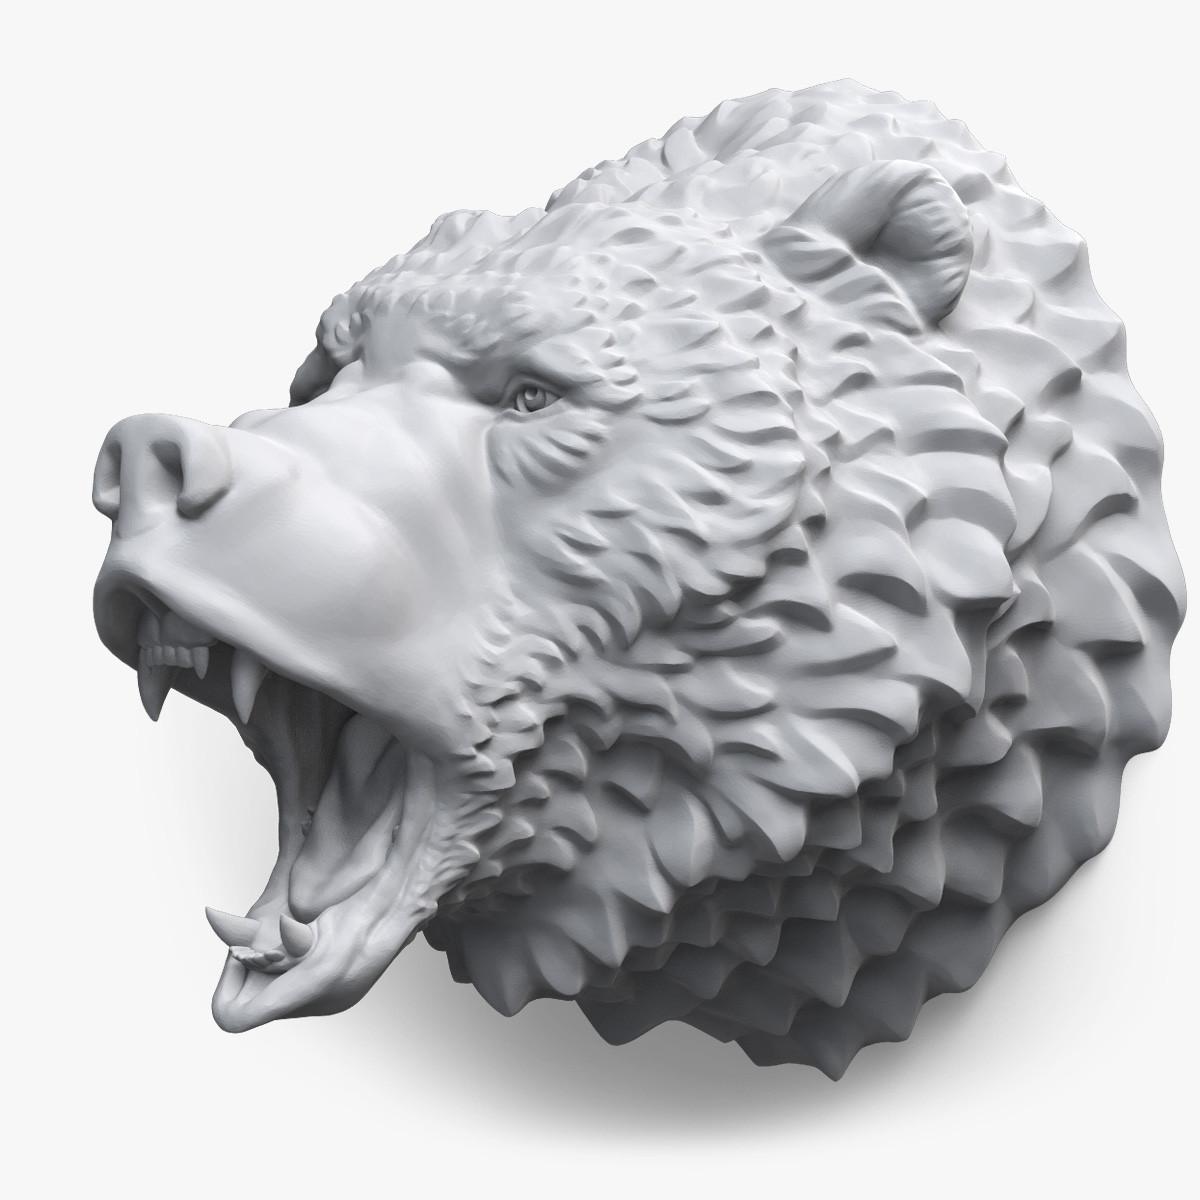 roaring-bear-head-3d-model-uv-00.jpg